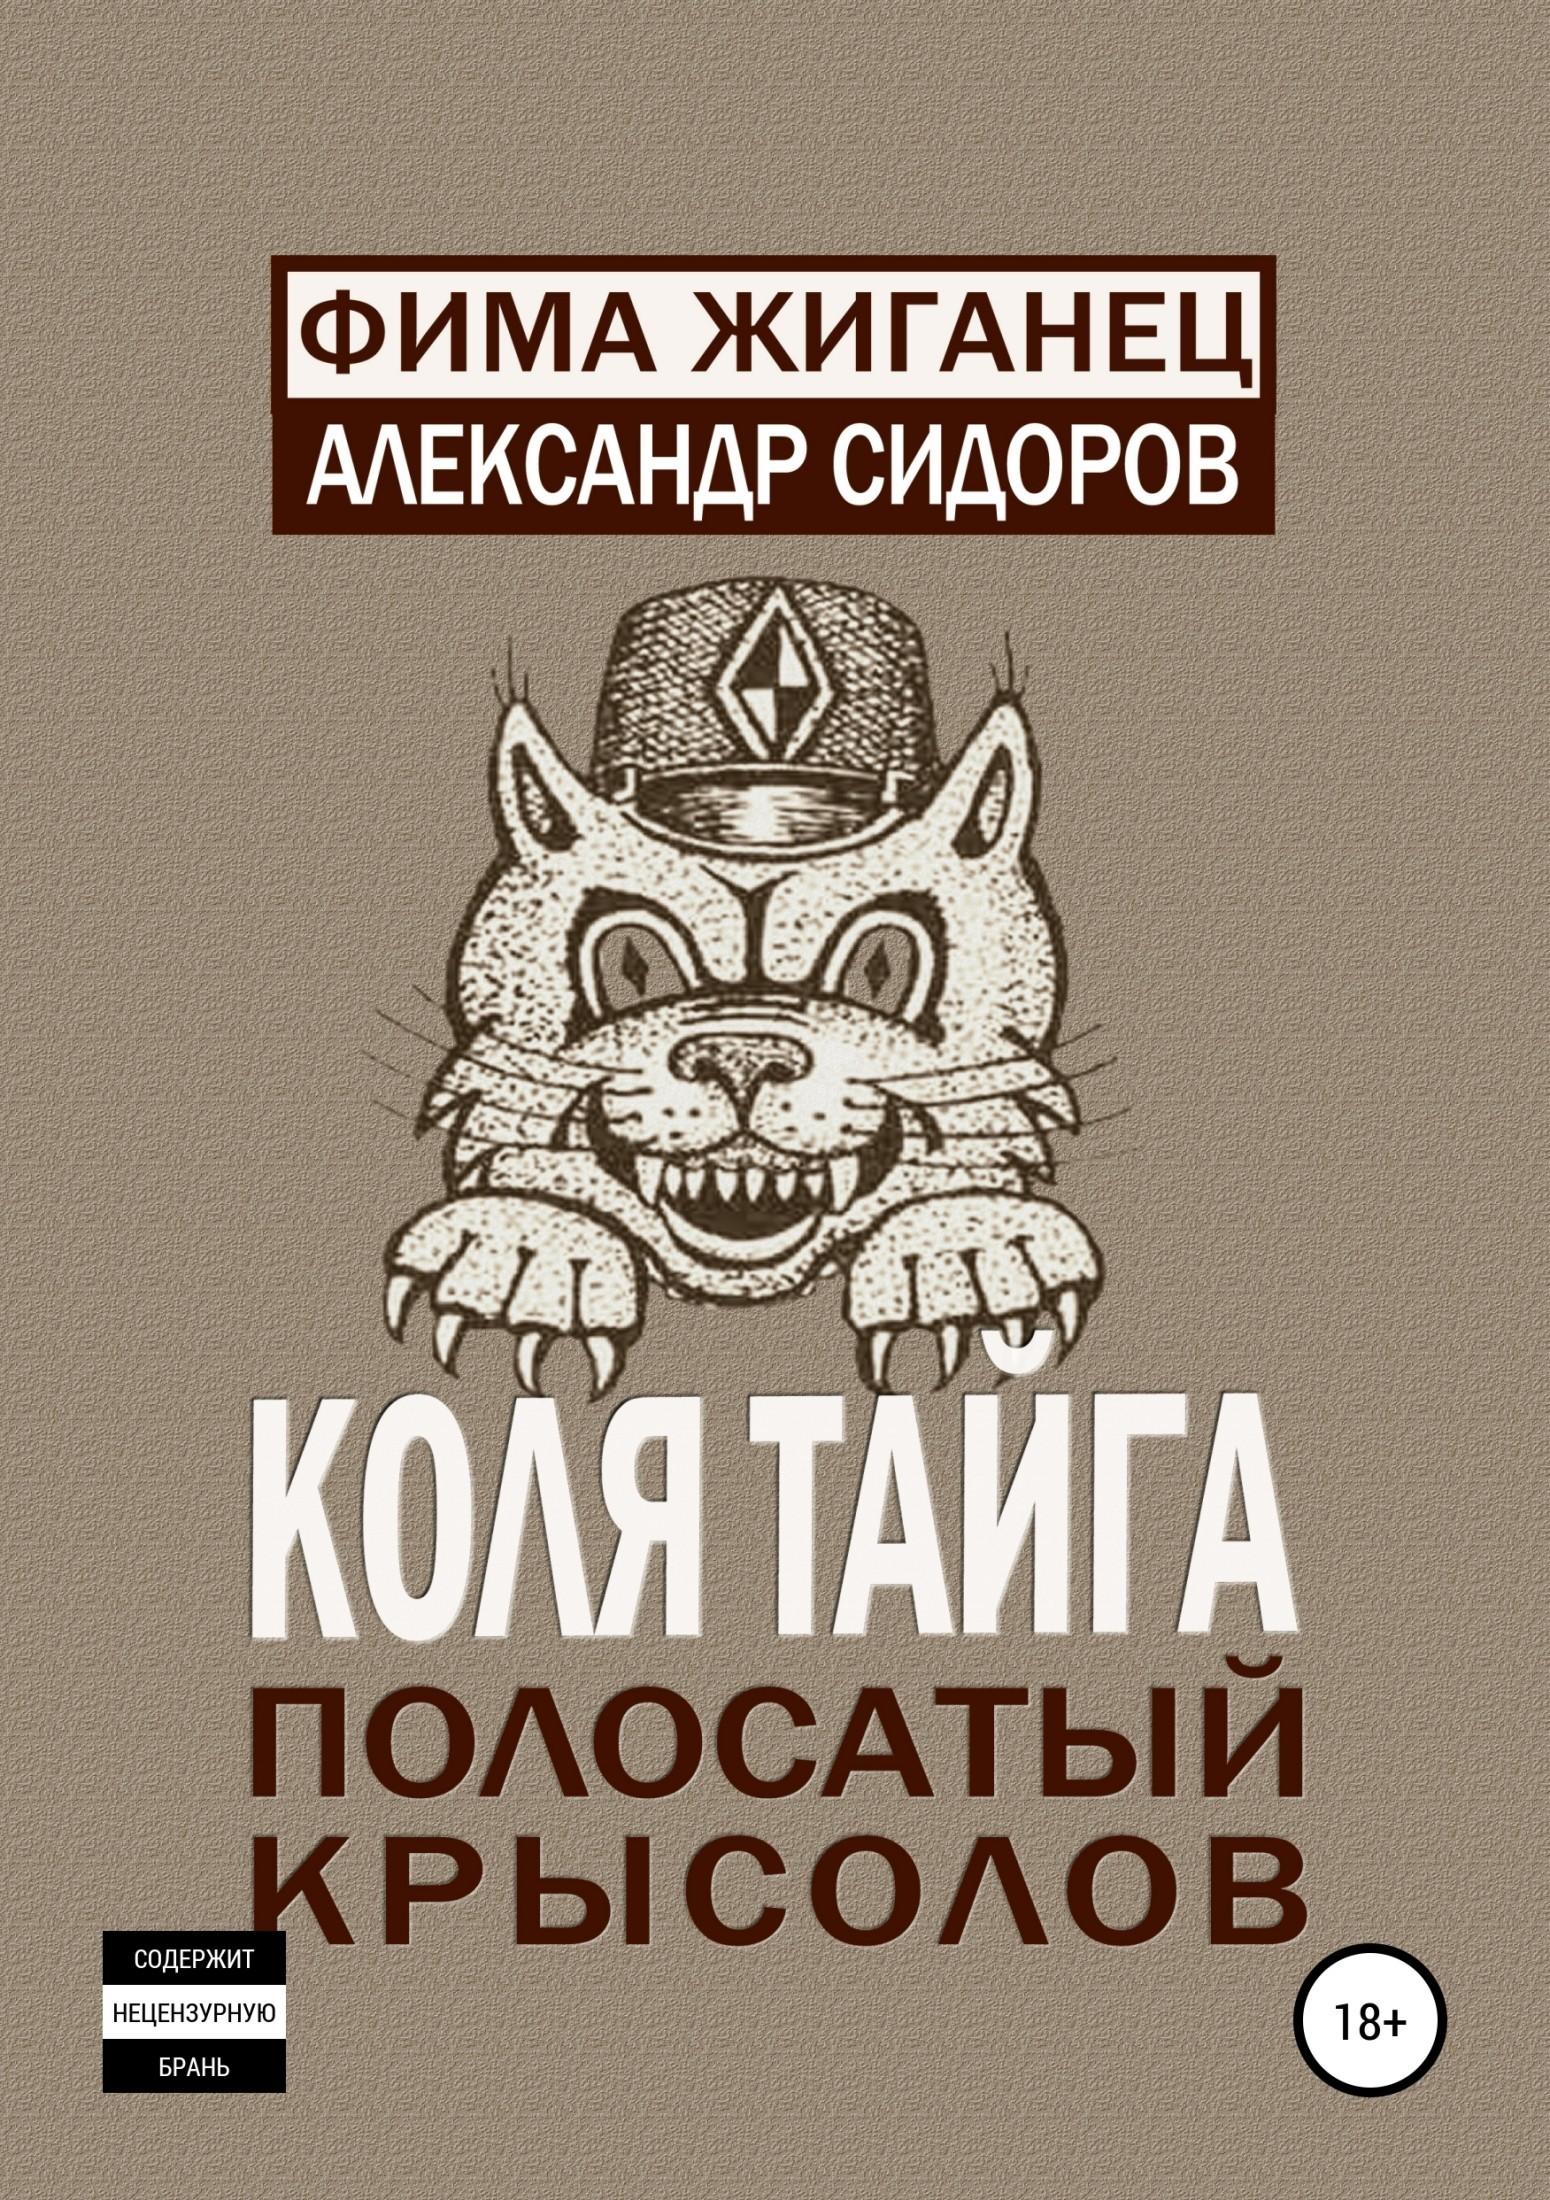 Фима Жиганец, Александр Сидоров - Коля Тайга. Полосатый крысолов